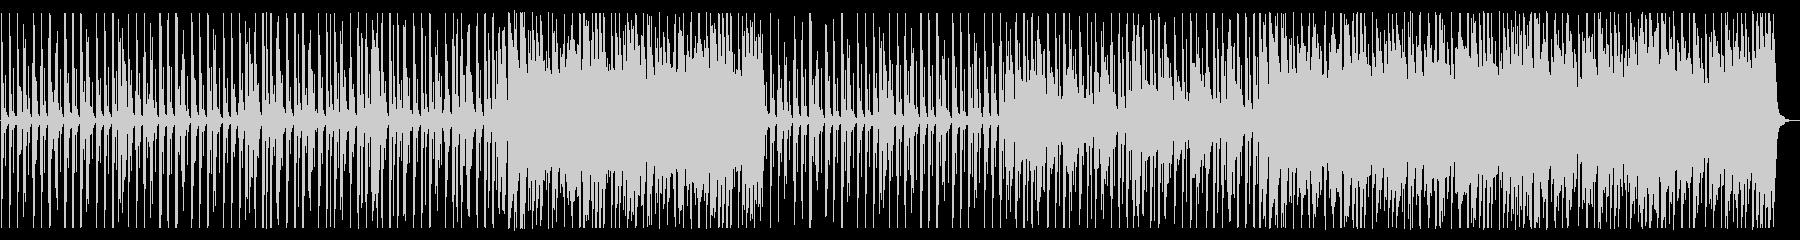 賑やかしくポップなBGM_No617_1の未再生の波形